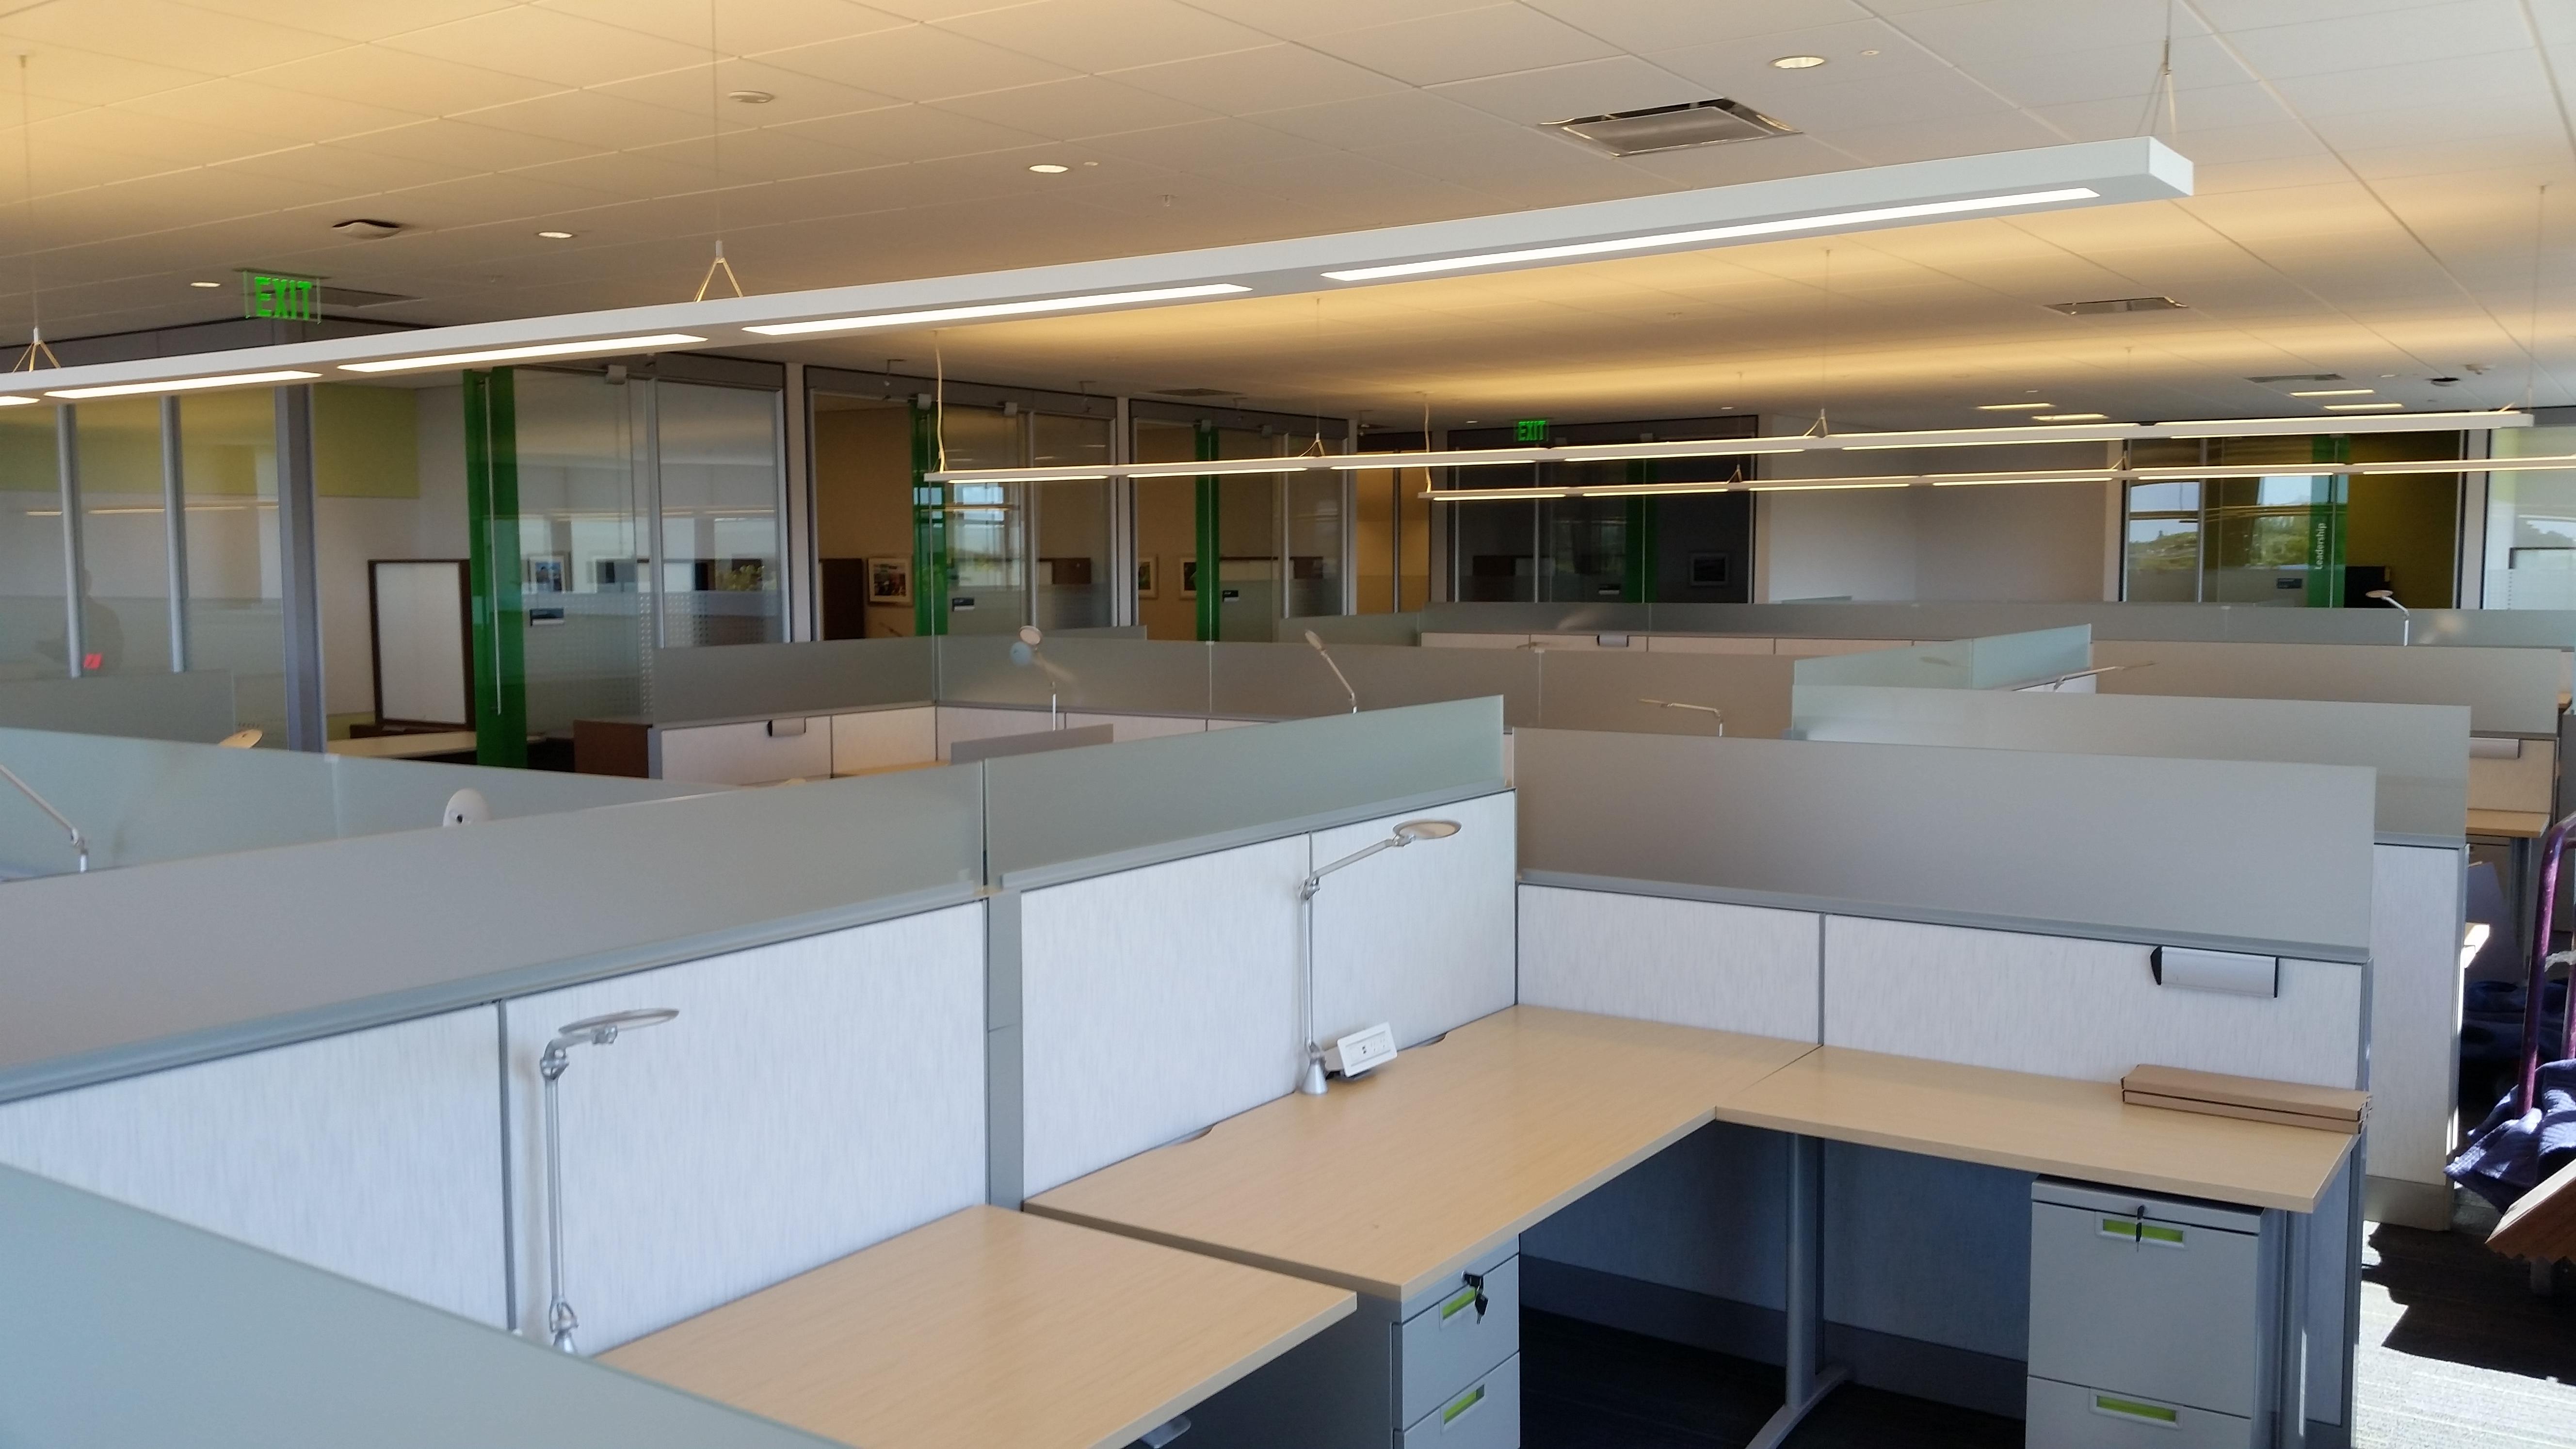 56 office furniture kennedy blvd orlando gallery